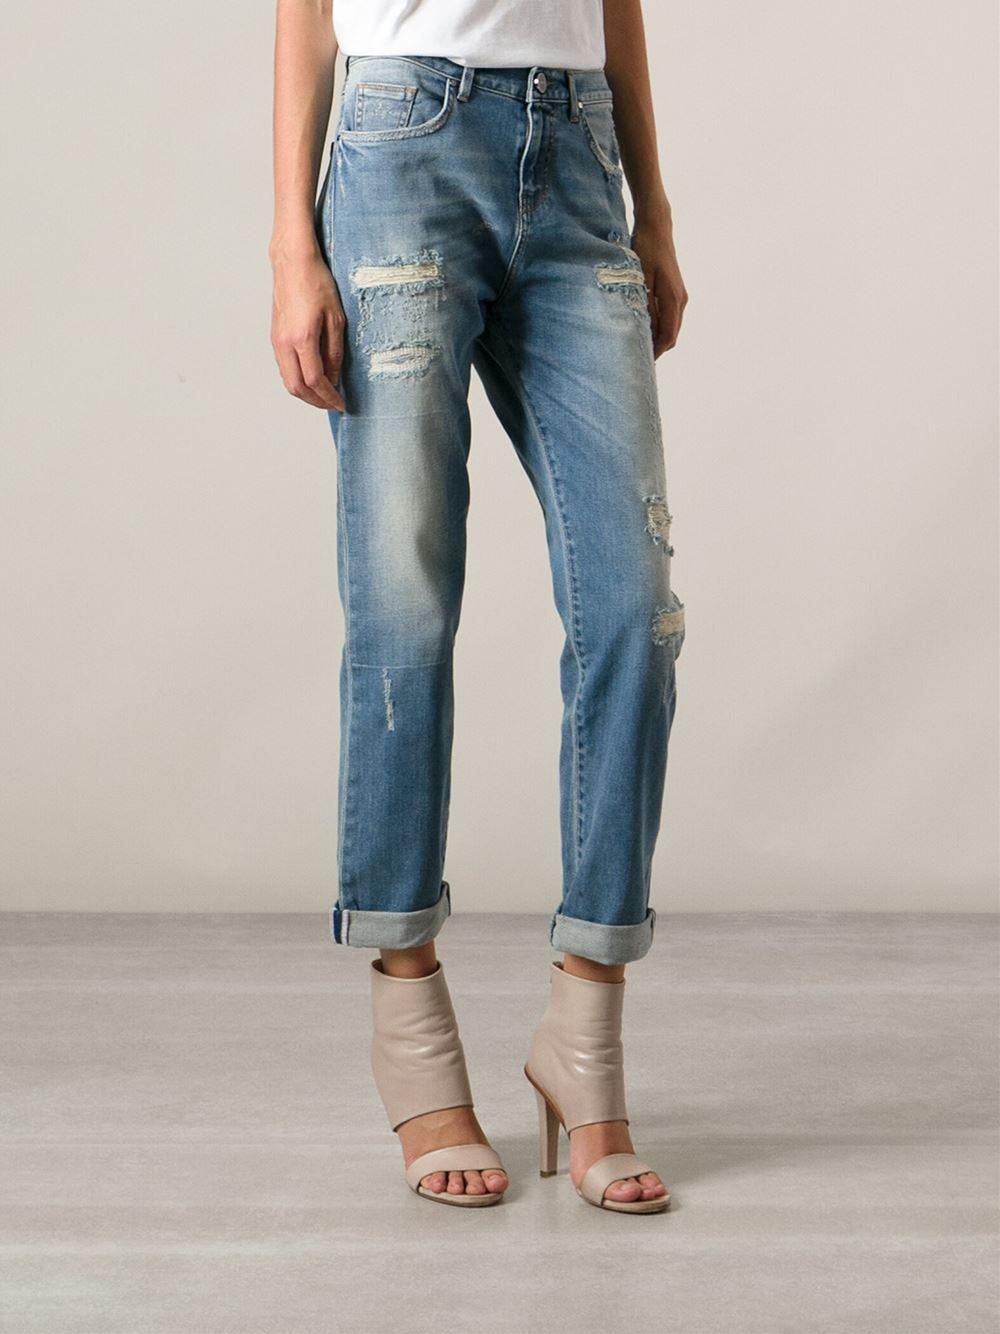 buy online 19ba2 2e4bb Pinko Distressed Boyfriend Jeans in Blue - Lyst